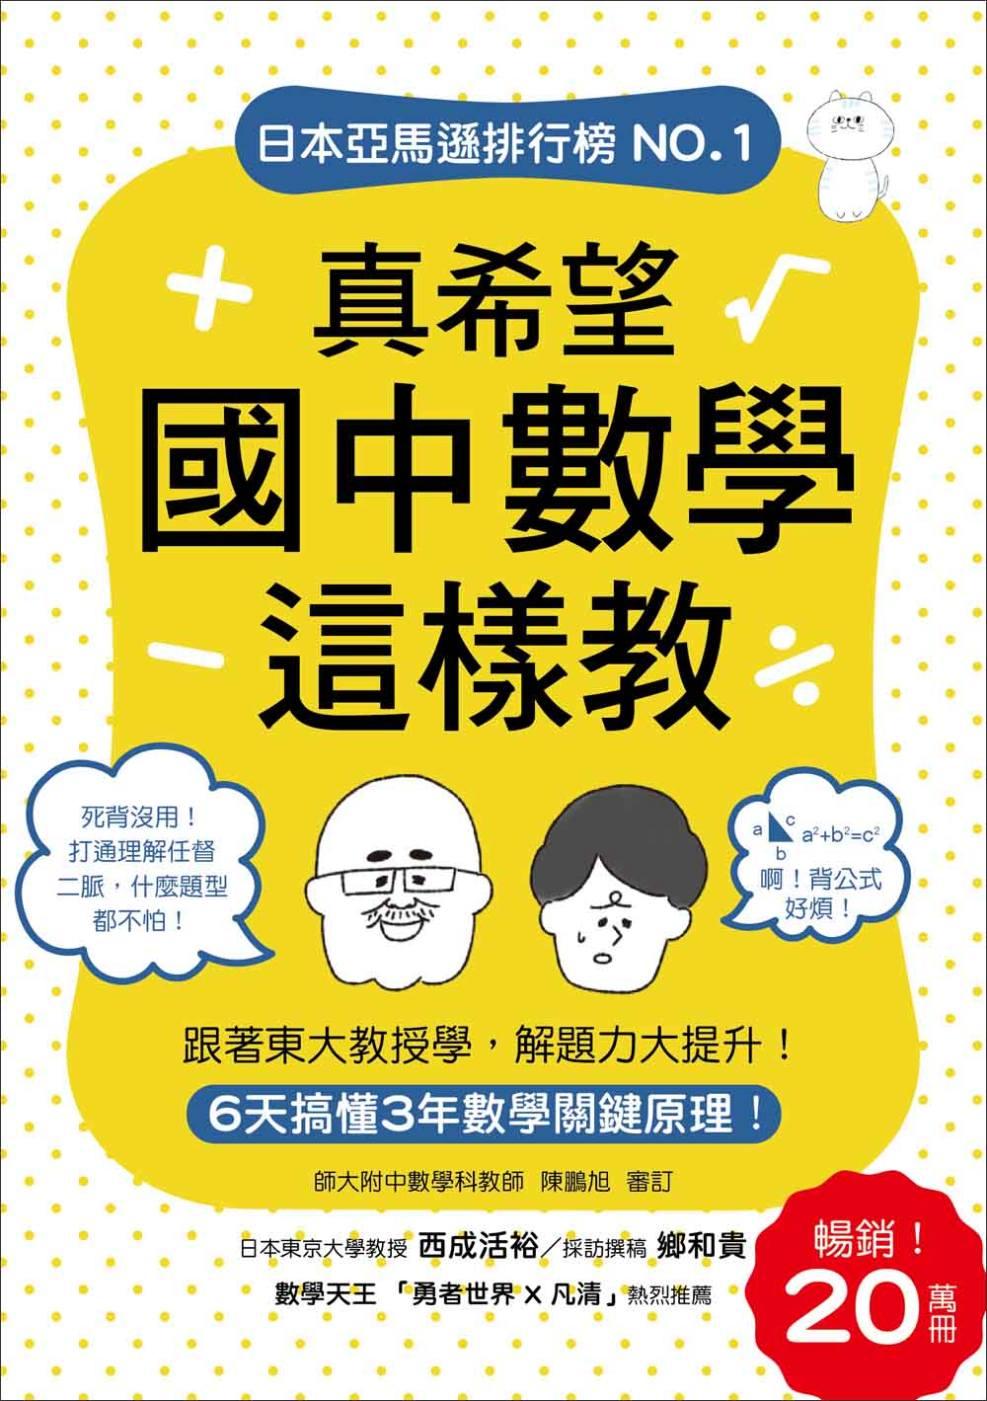 真希望國中數學這樣教:暢銷20萬冊!6天搞懂3年數學關鍵原理,跟著東大教授學,解題力大提升!